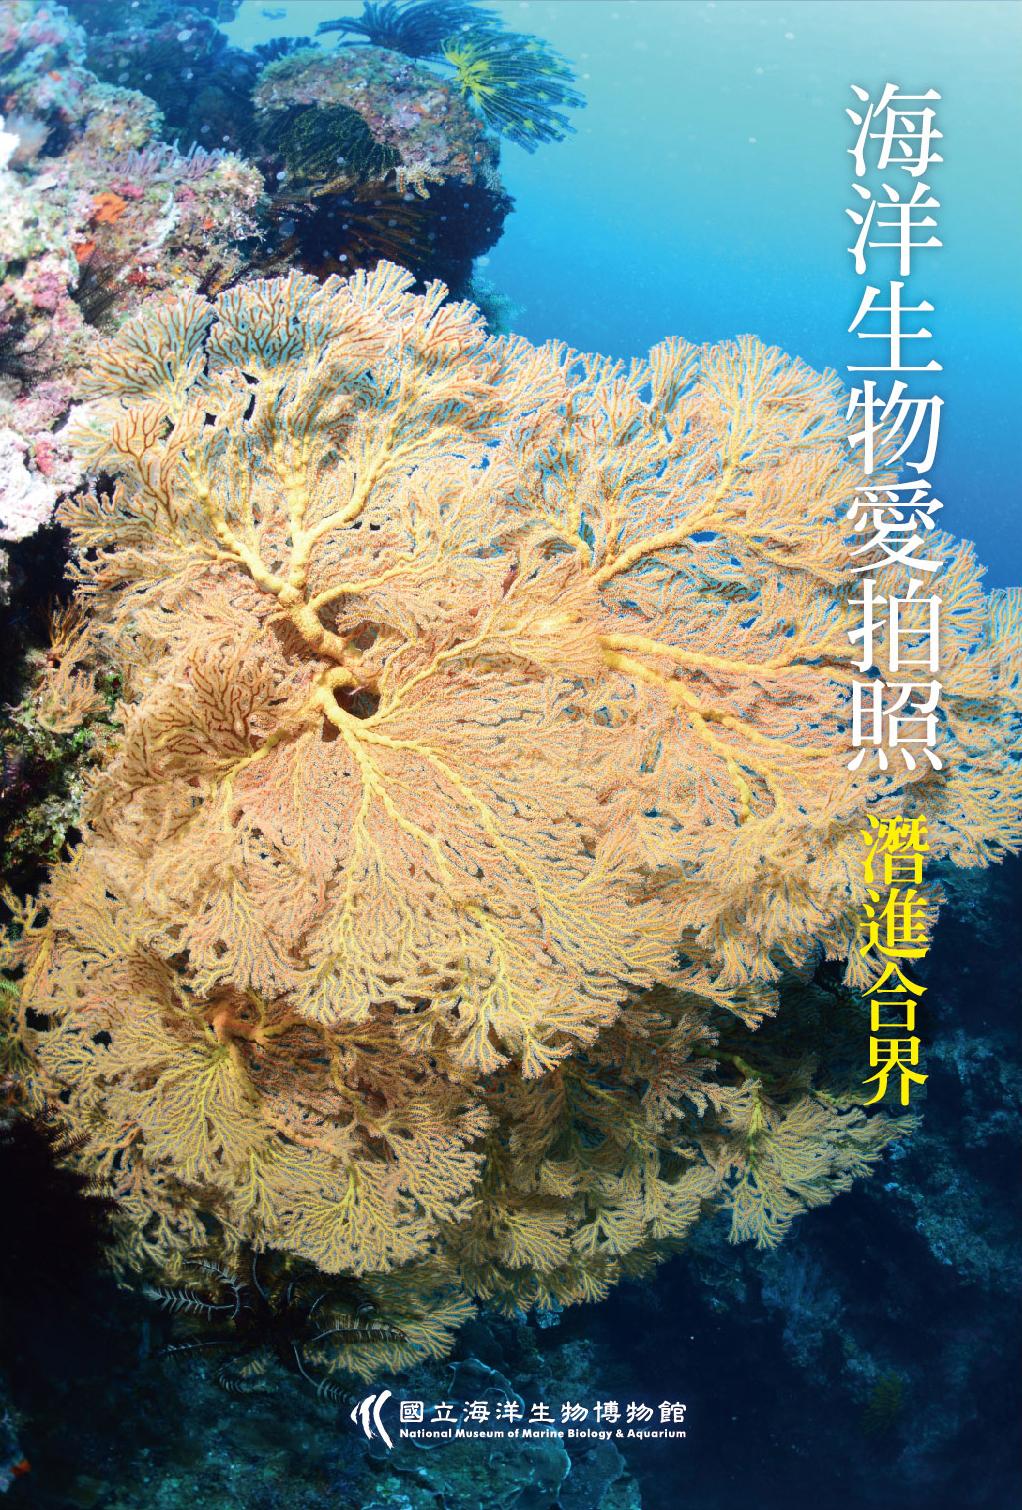 海洋生物愛拍照-潛進合界